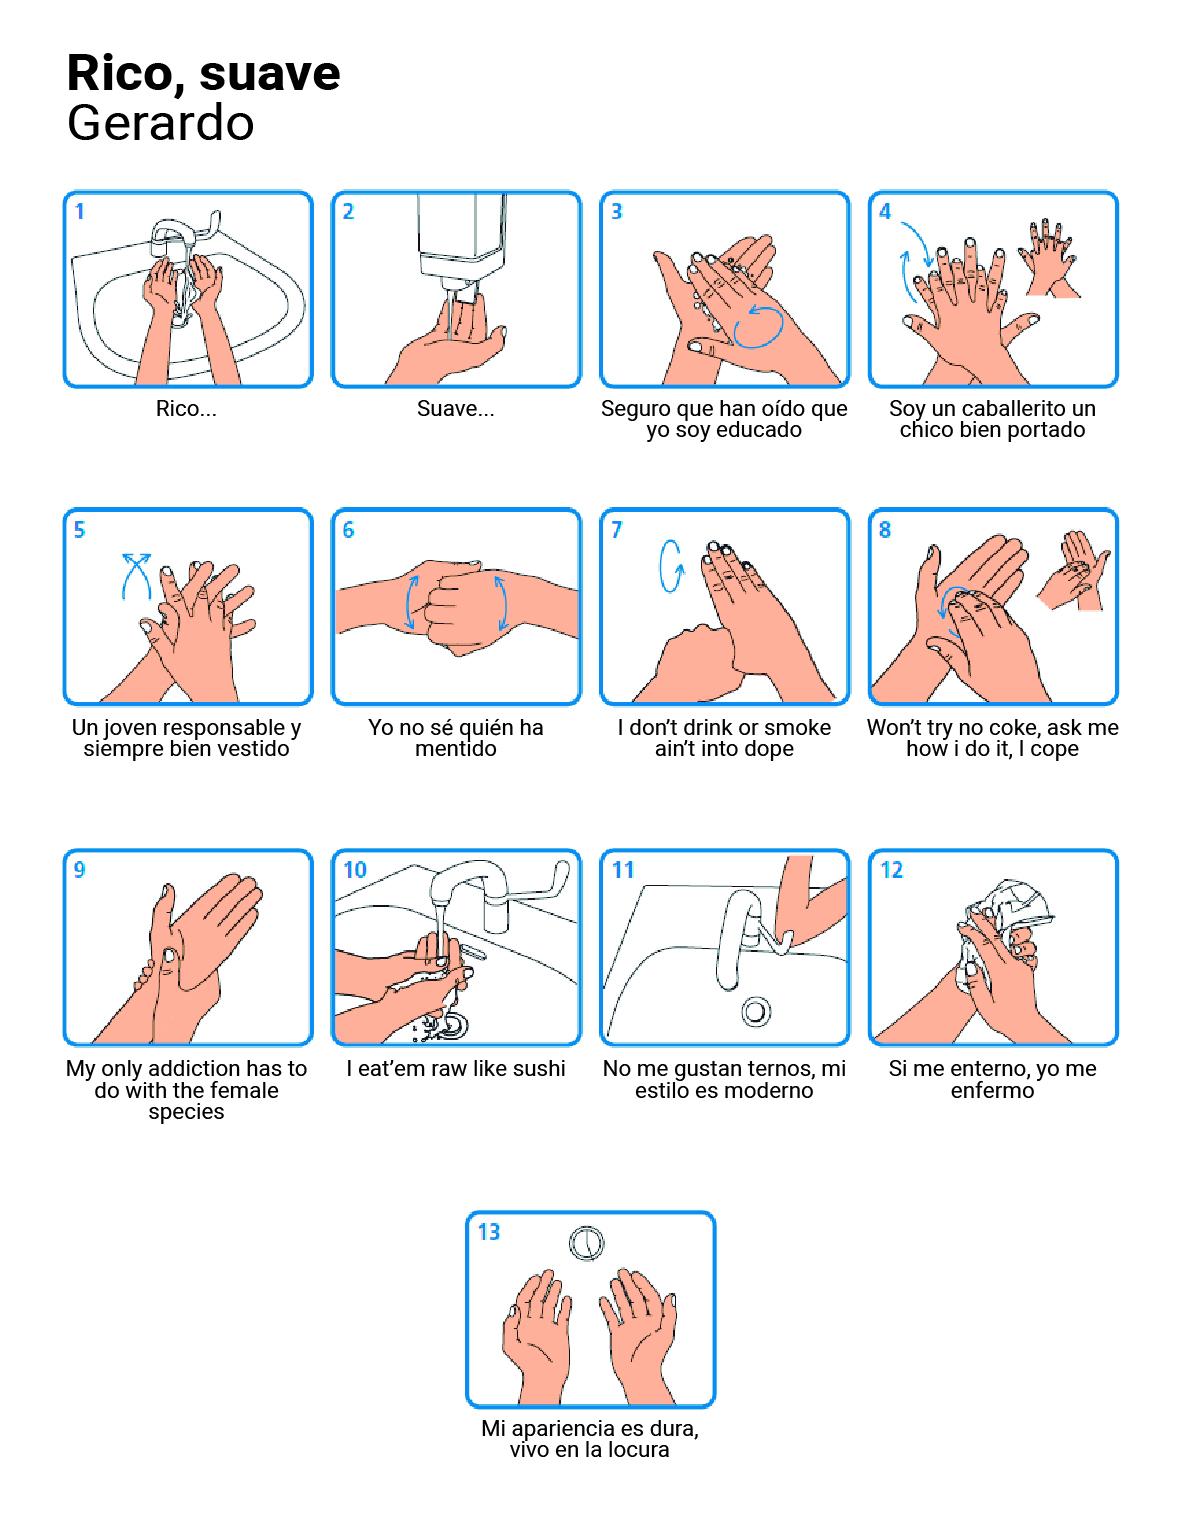 Para lavarse las manos con algo de ritmo, la canción de Gerardo.